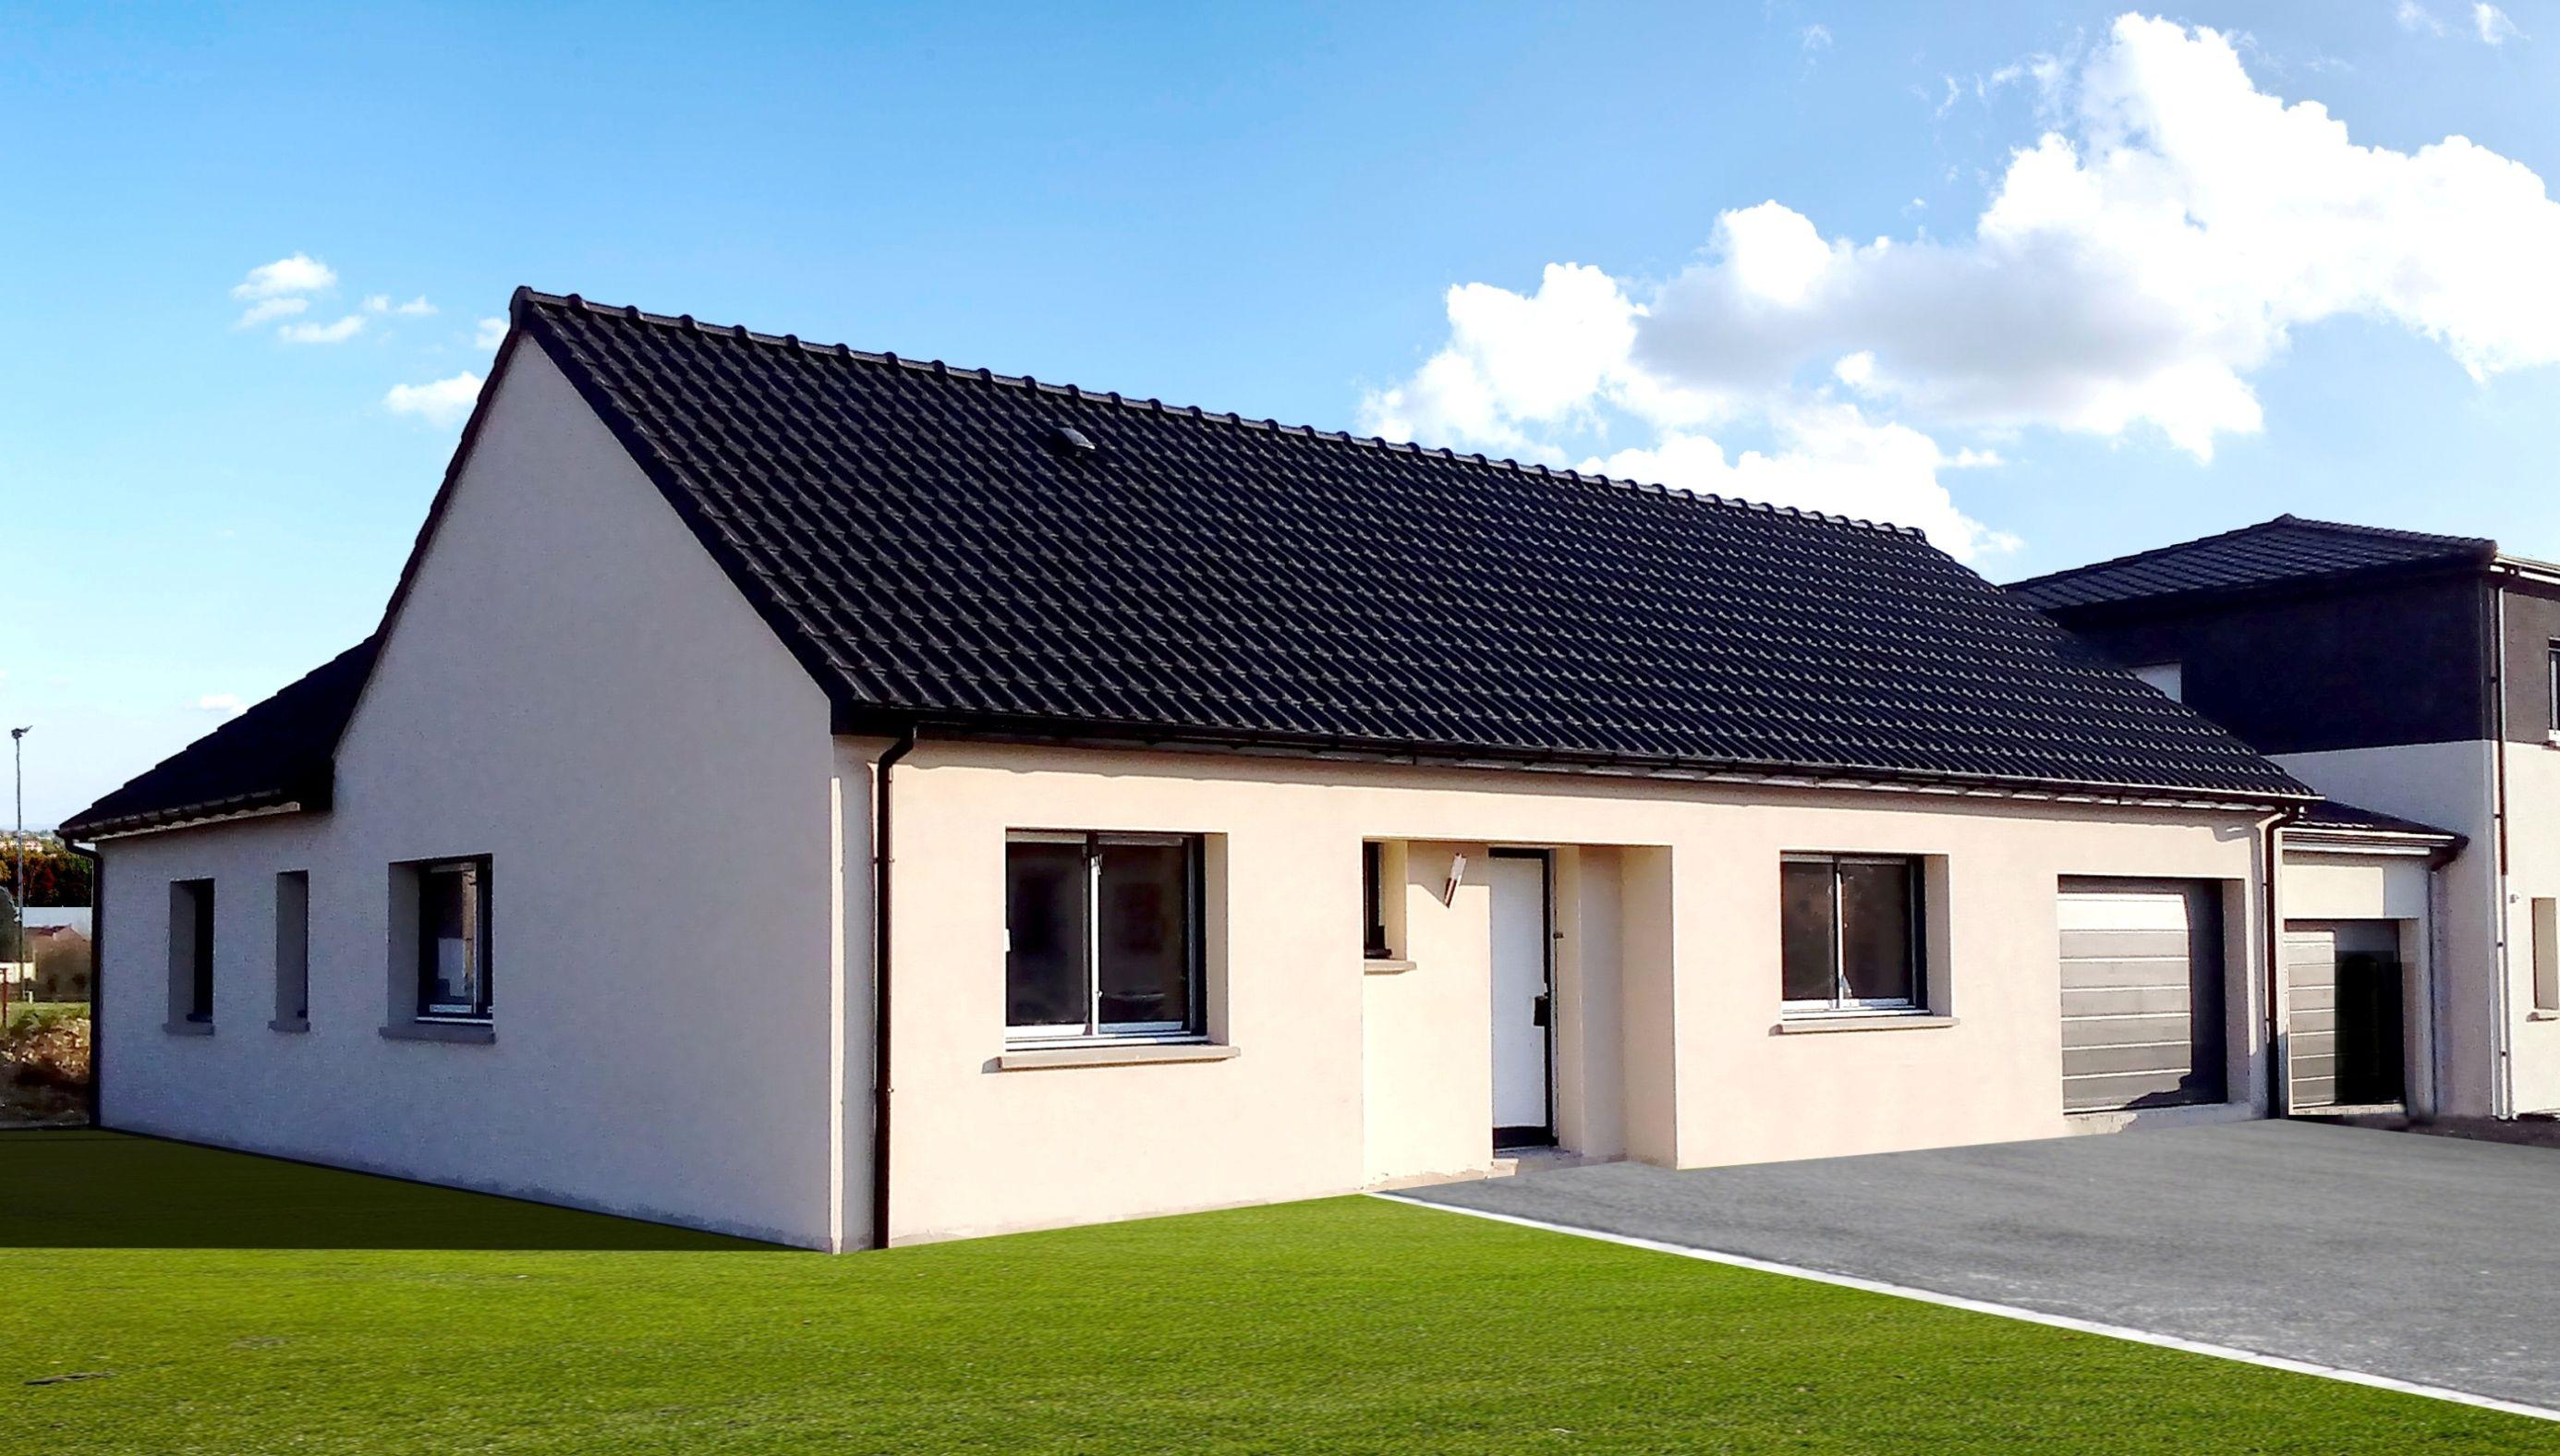 Maisons + Terrains du constructeur MAISON FAMILIALE MANTES • 130 m² • CONFLANS SAINTE HONORINE